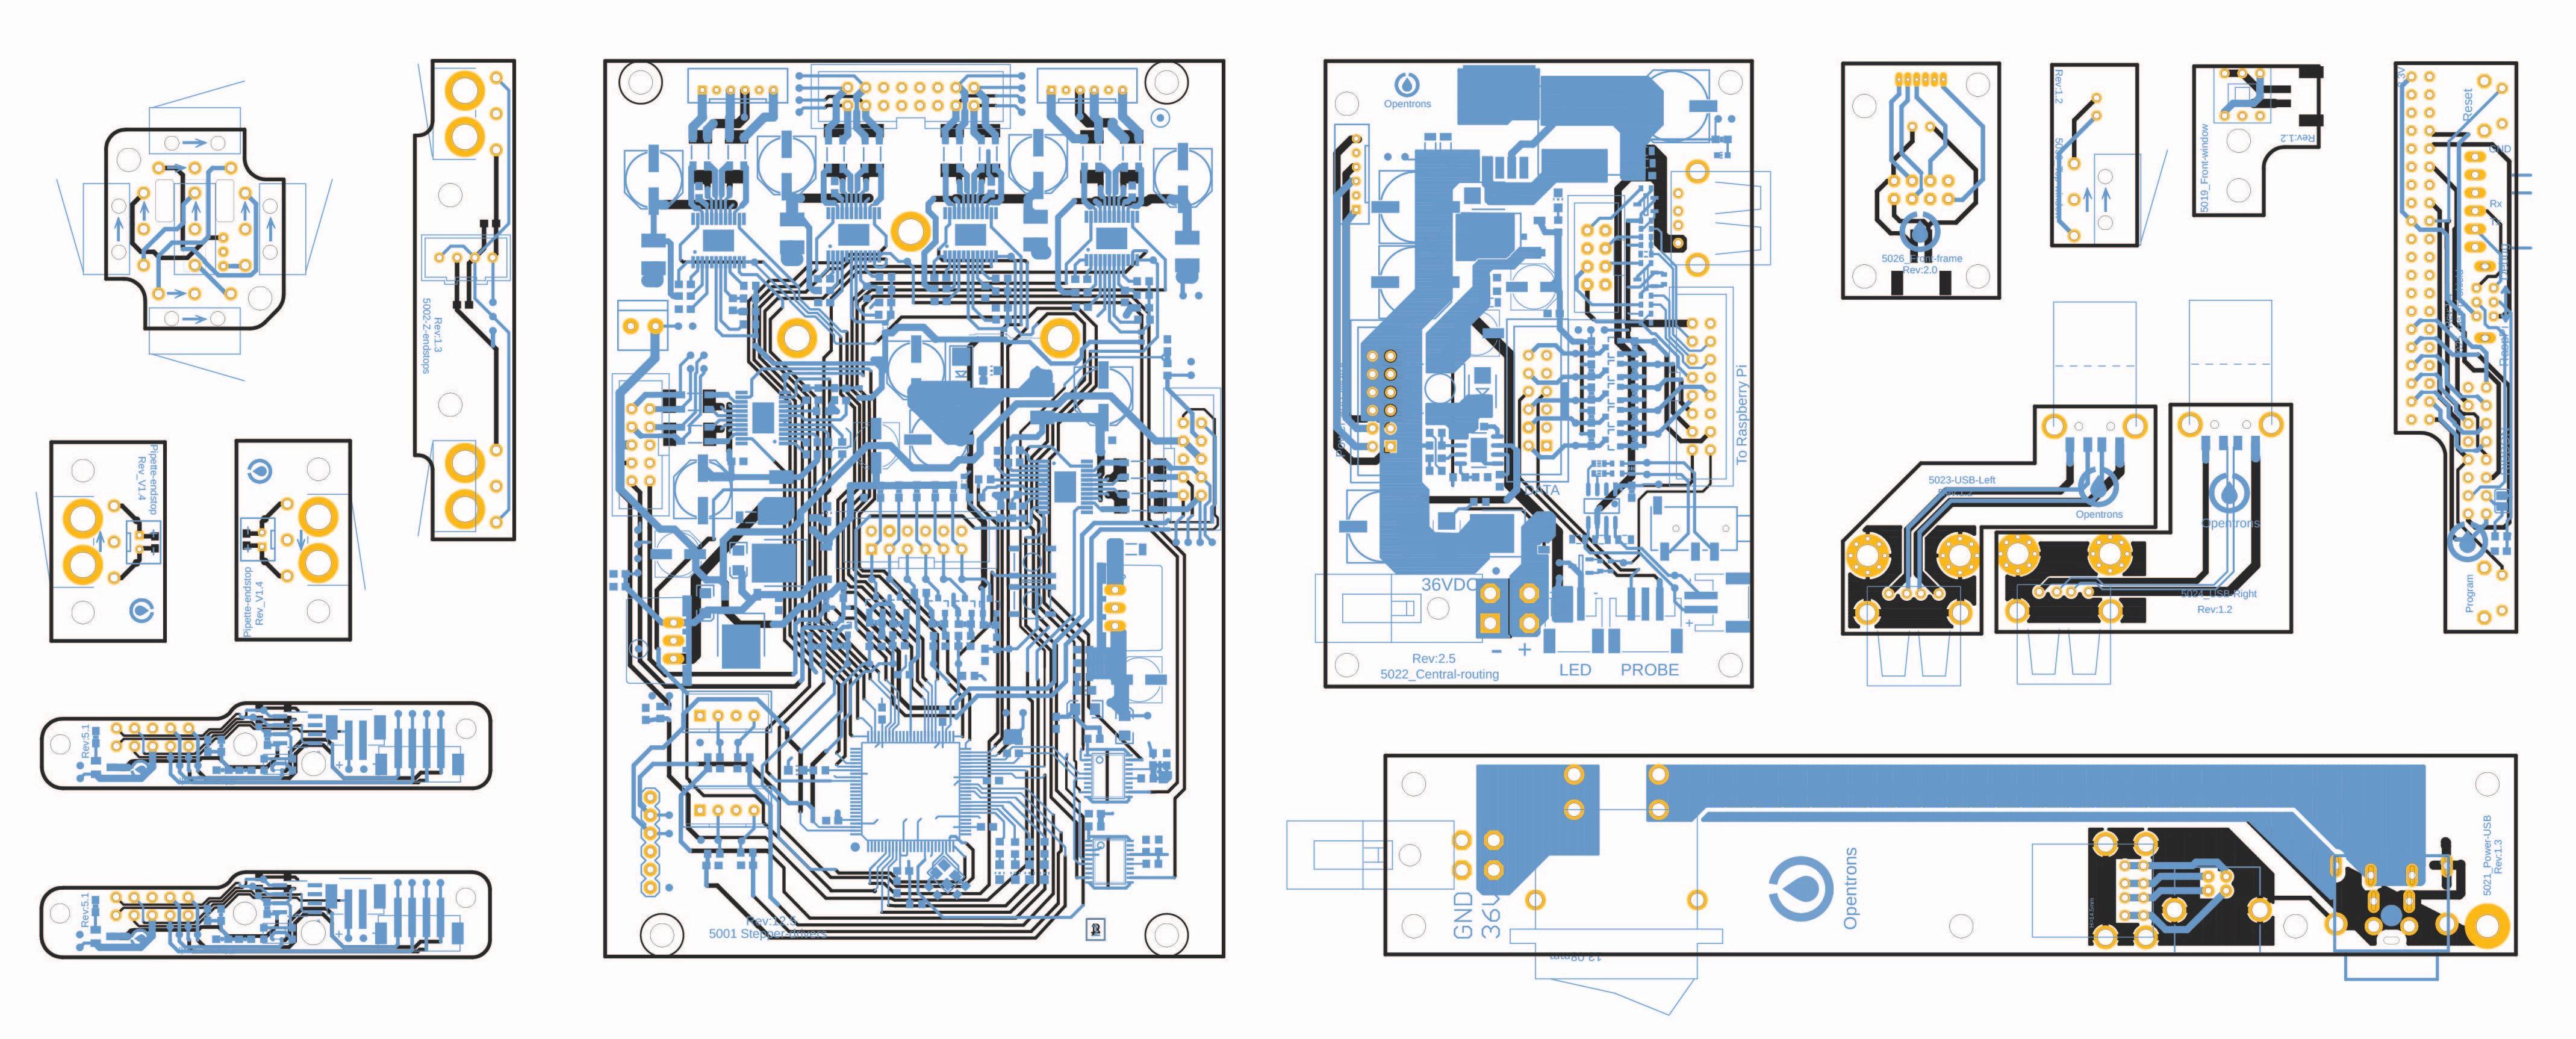 OT2 Liquid Handler Electronics